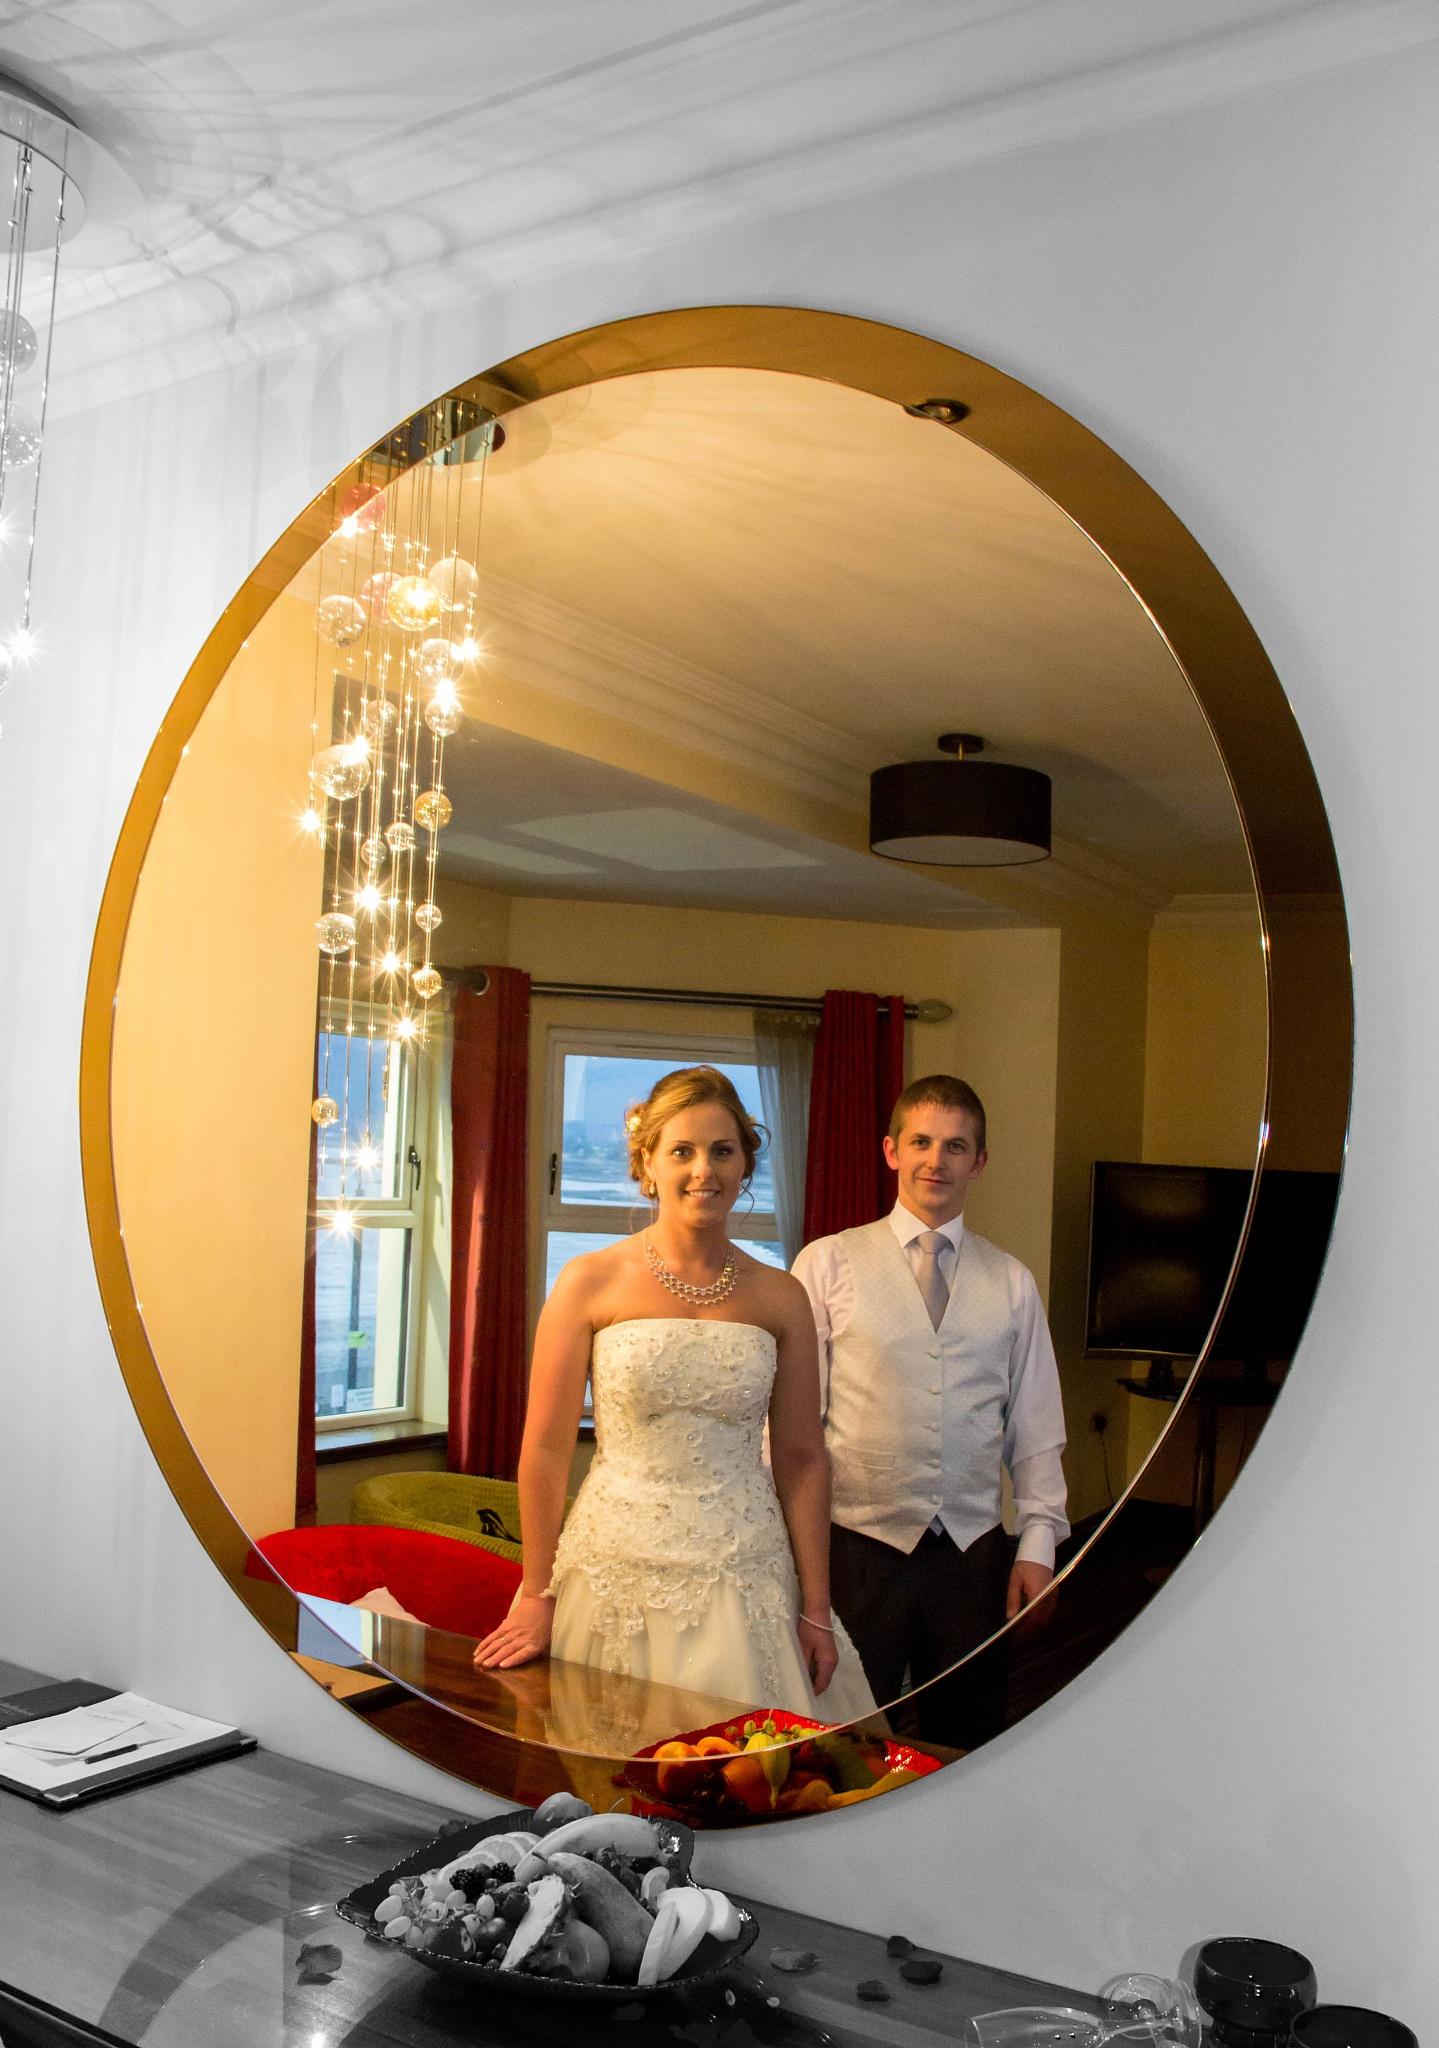 Pleasantville wedding. by DerekHughes